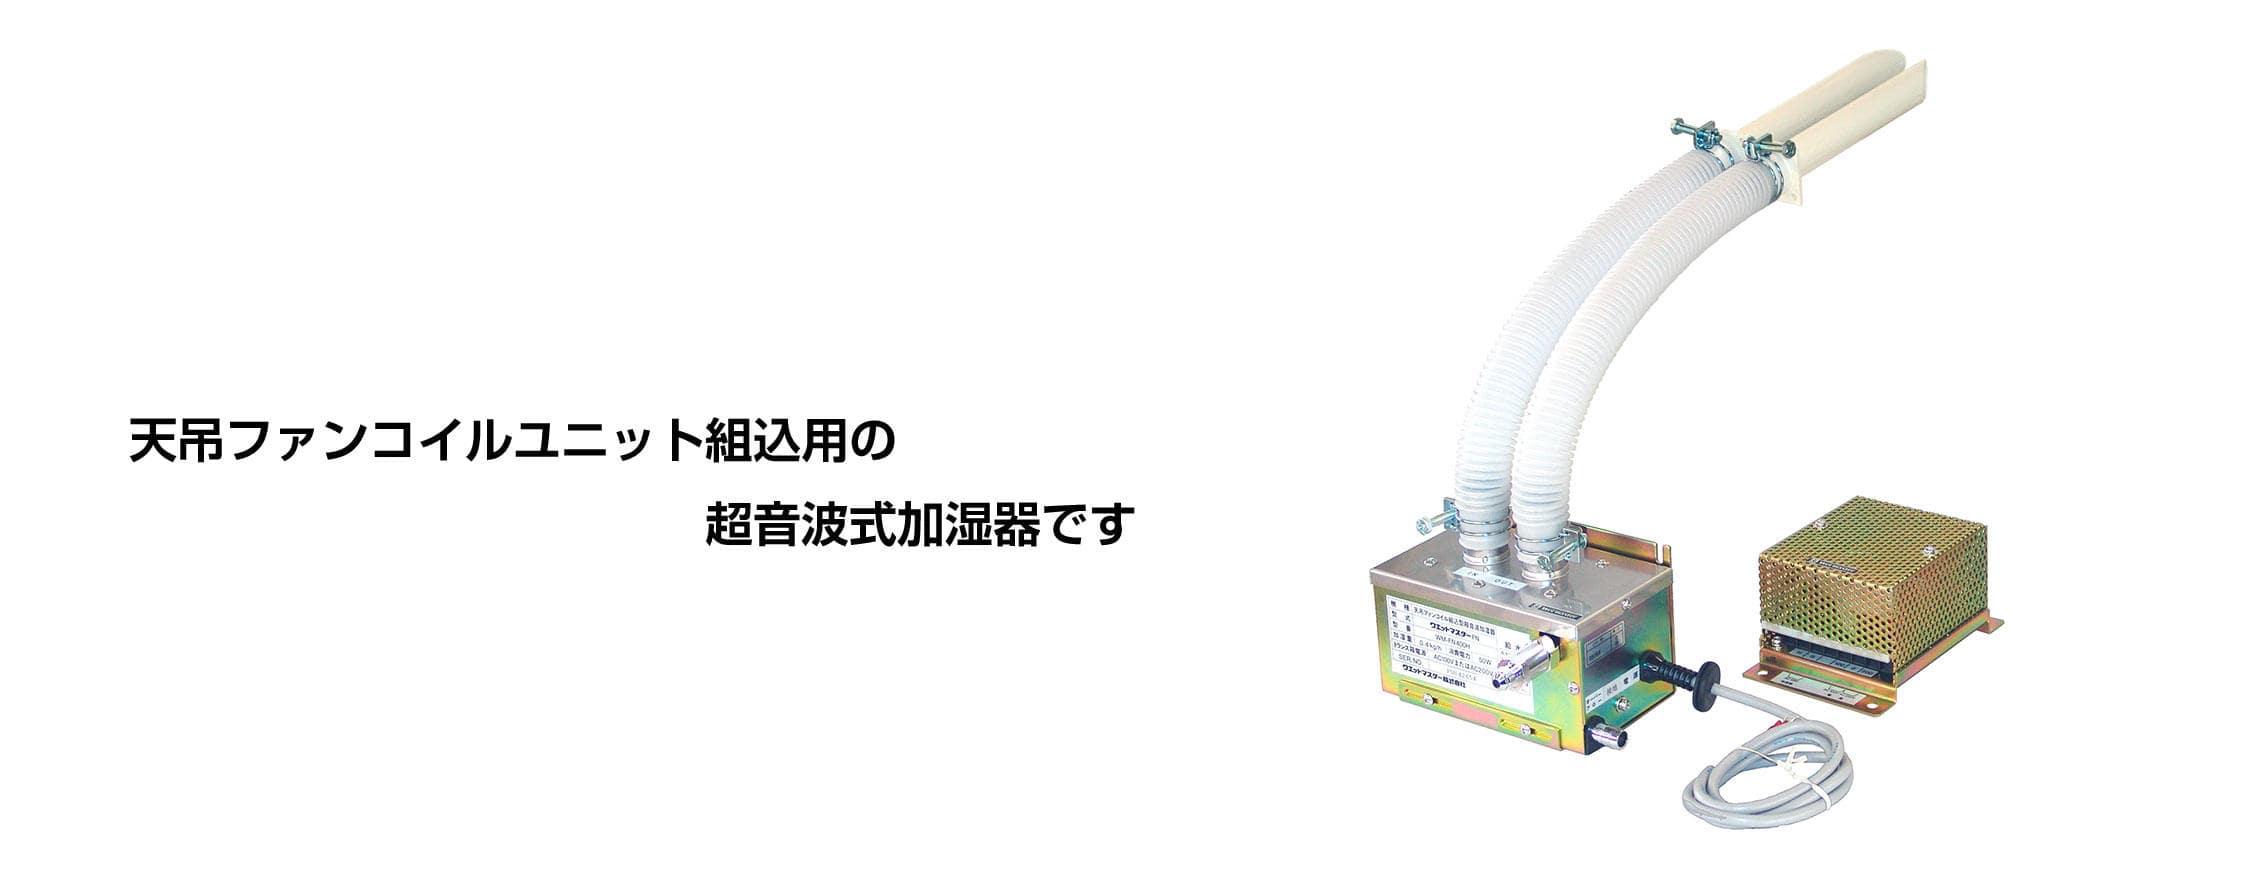 超音波式加湿器FN400Hタイプ